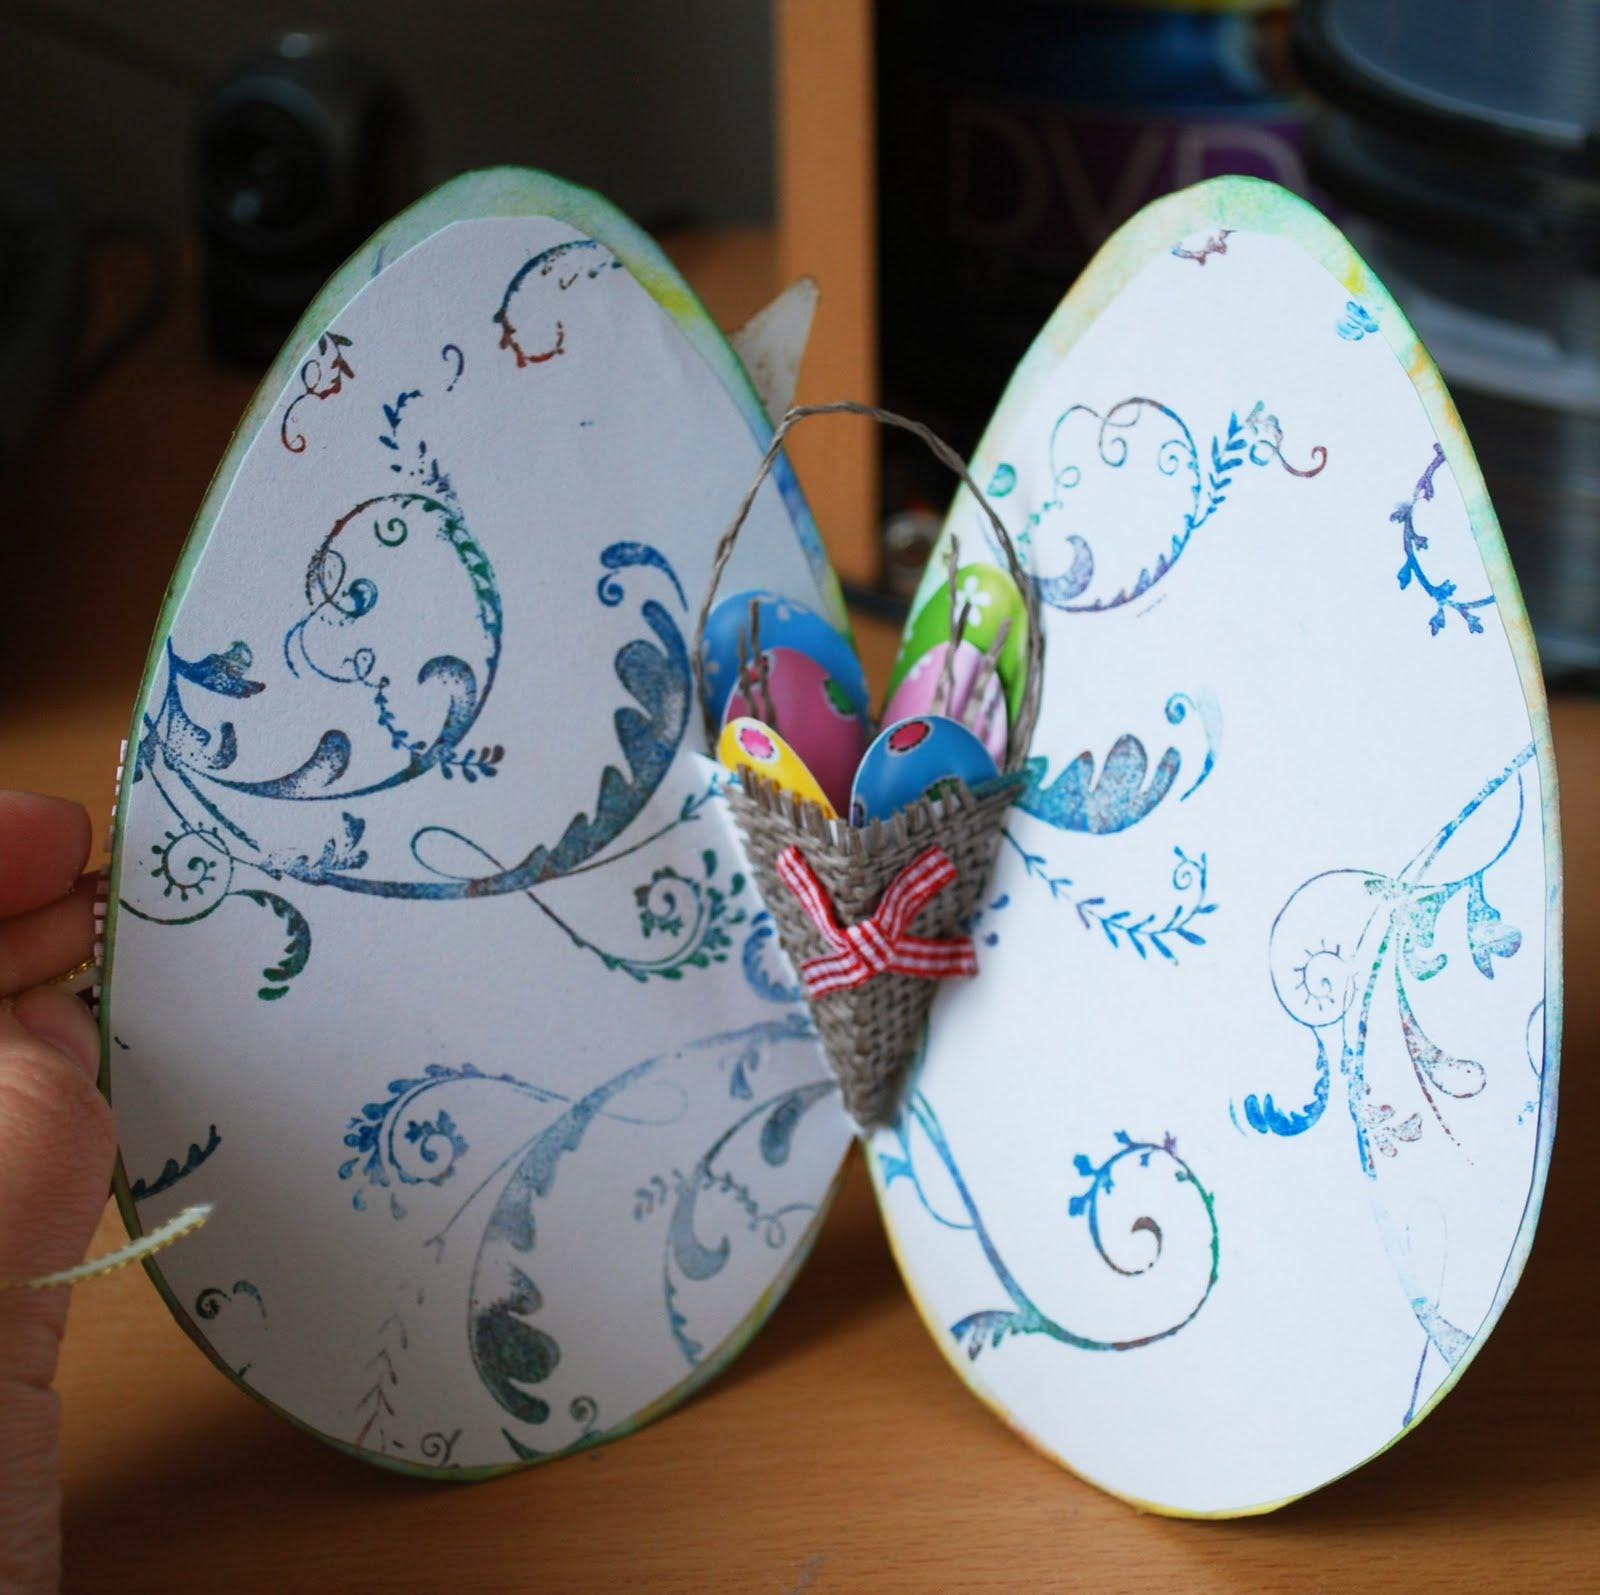 Veronica Handmade: April 2011